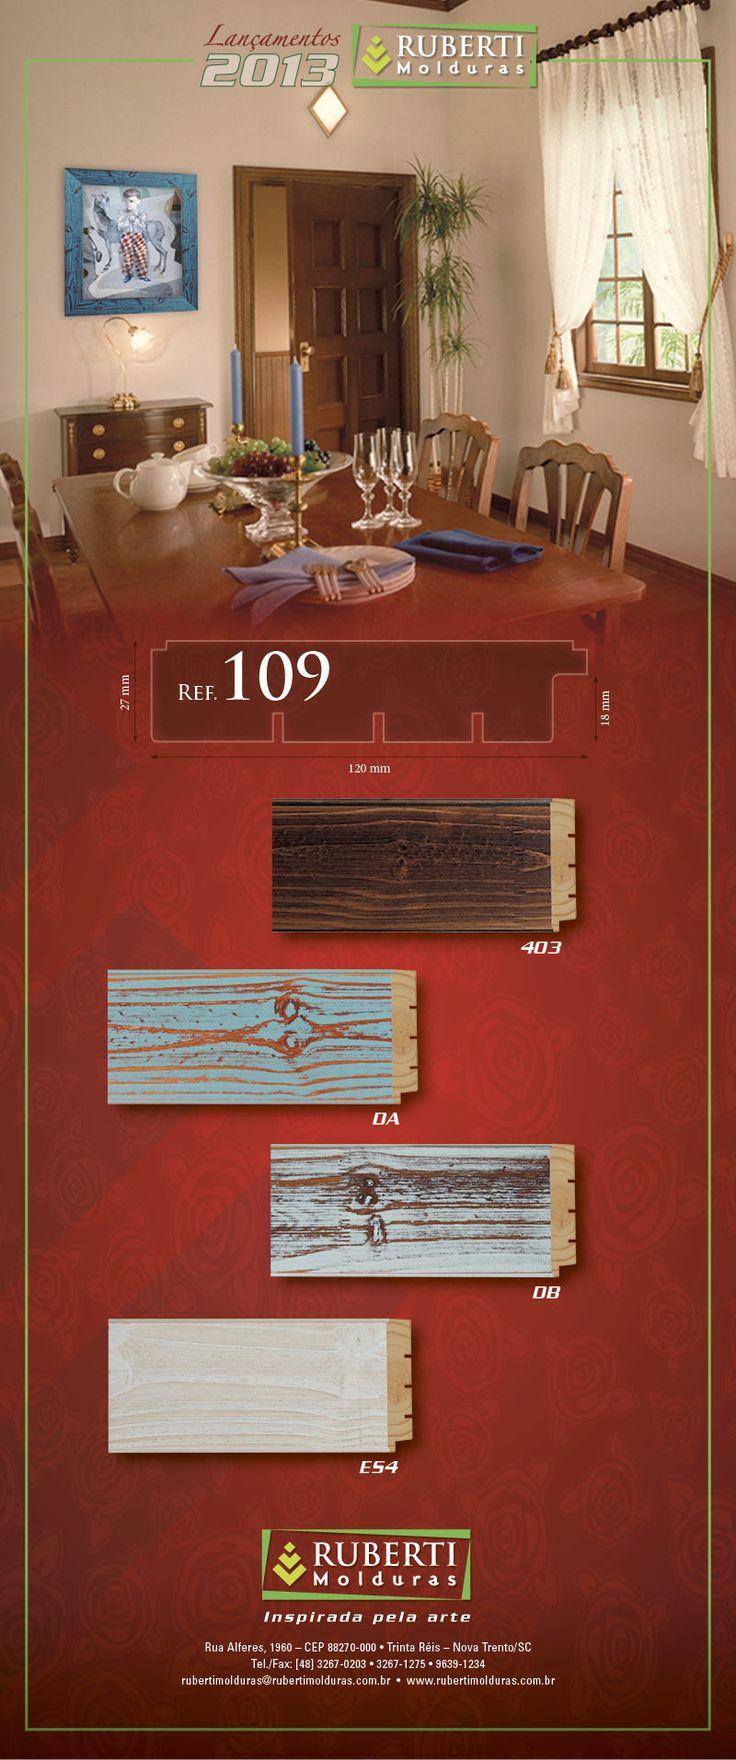 Ref. 109